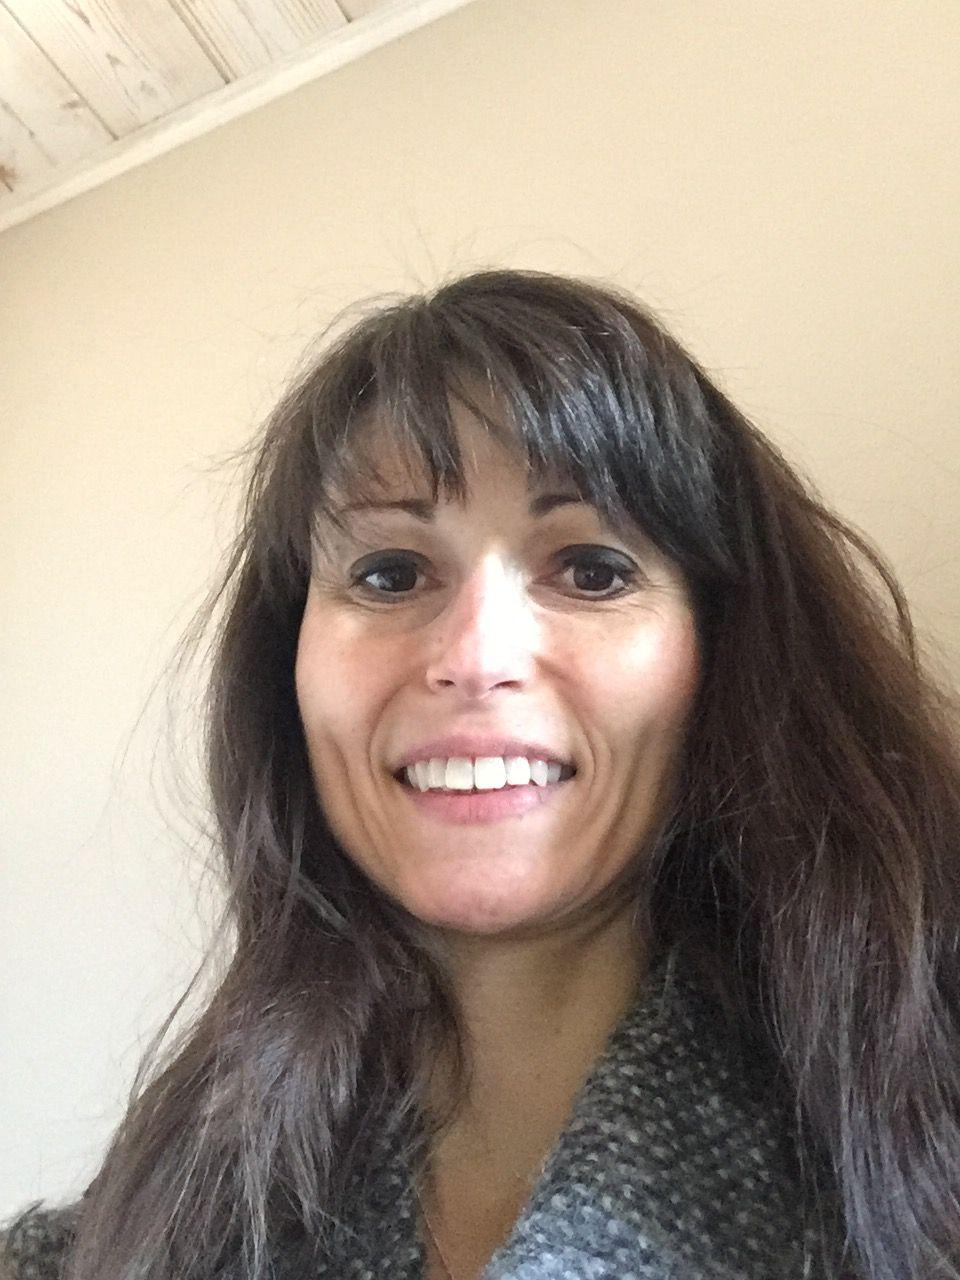 COVID 19 : améliorer son hygiène de vie.... par Docteur Maryline Pellegrini-Lasser